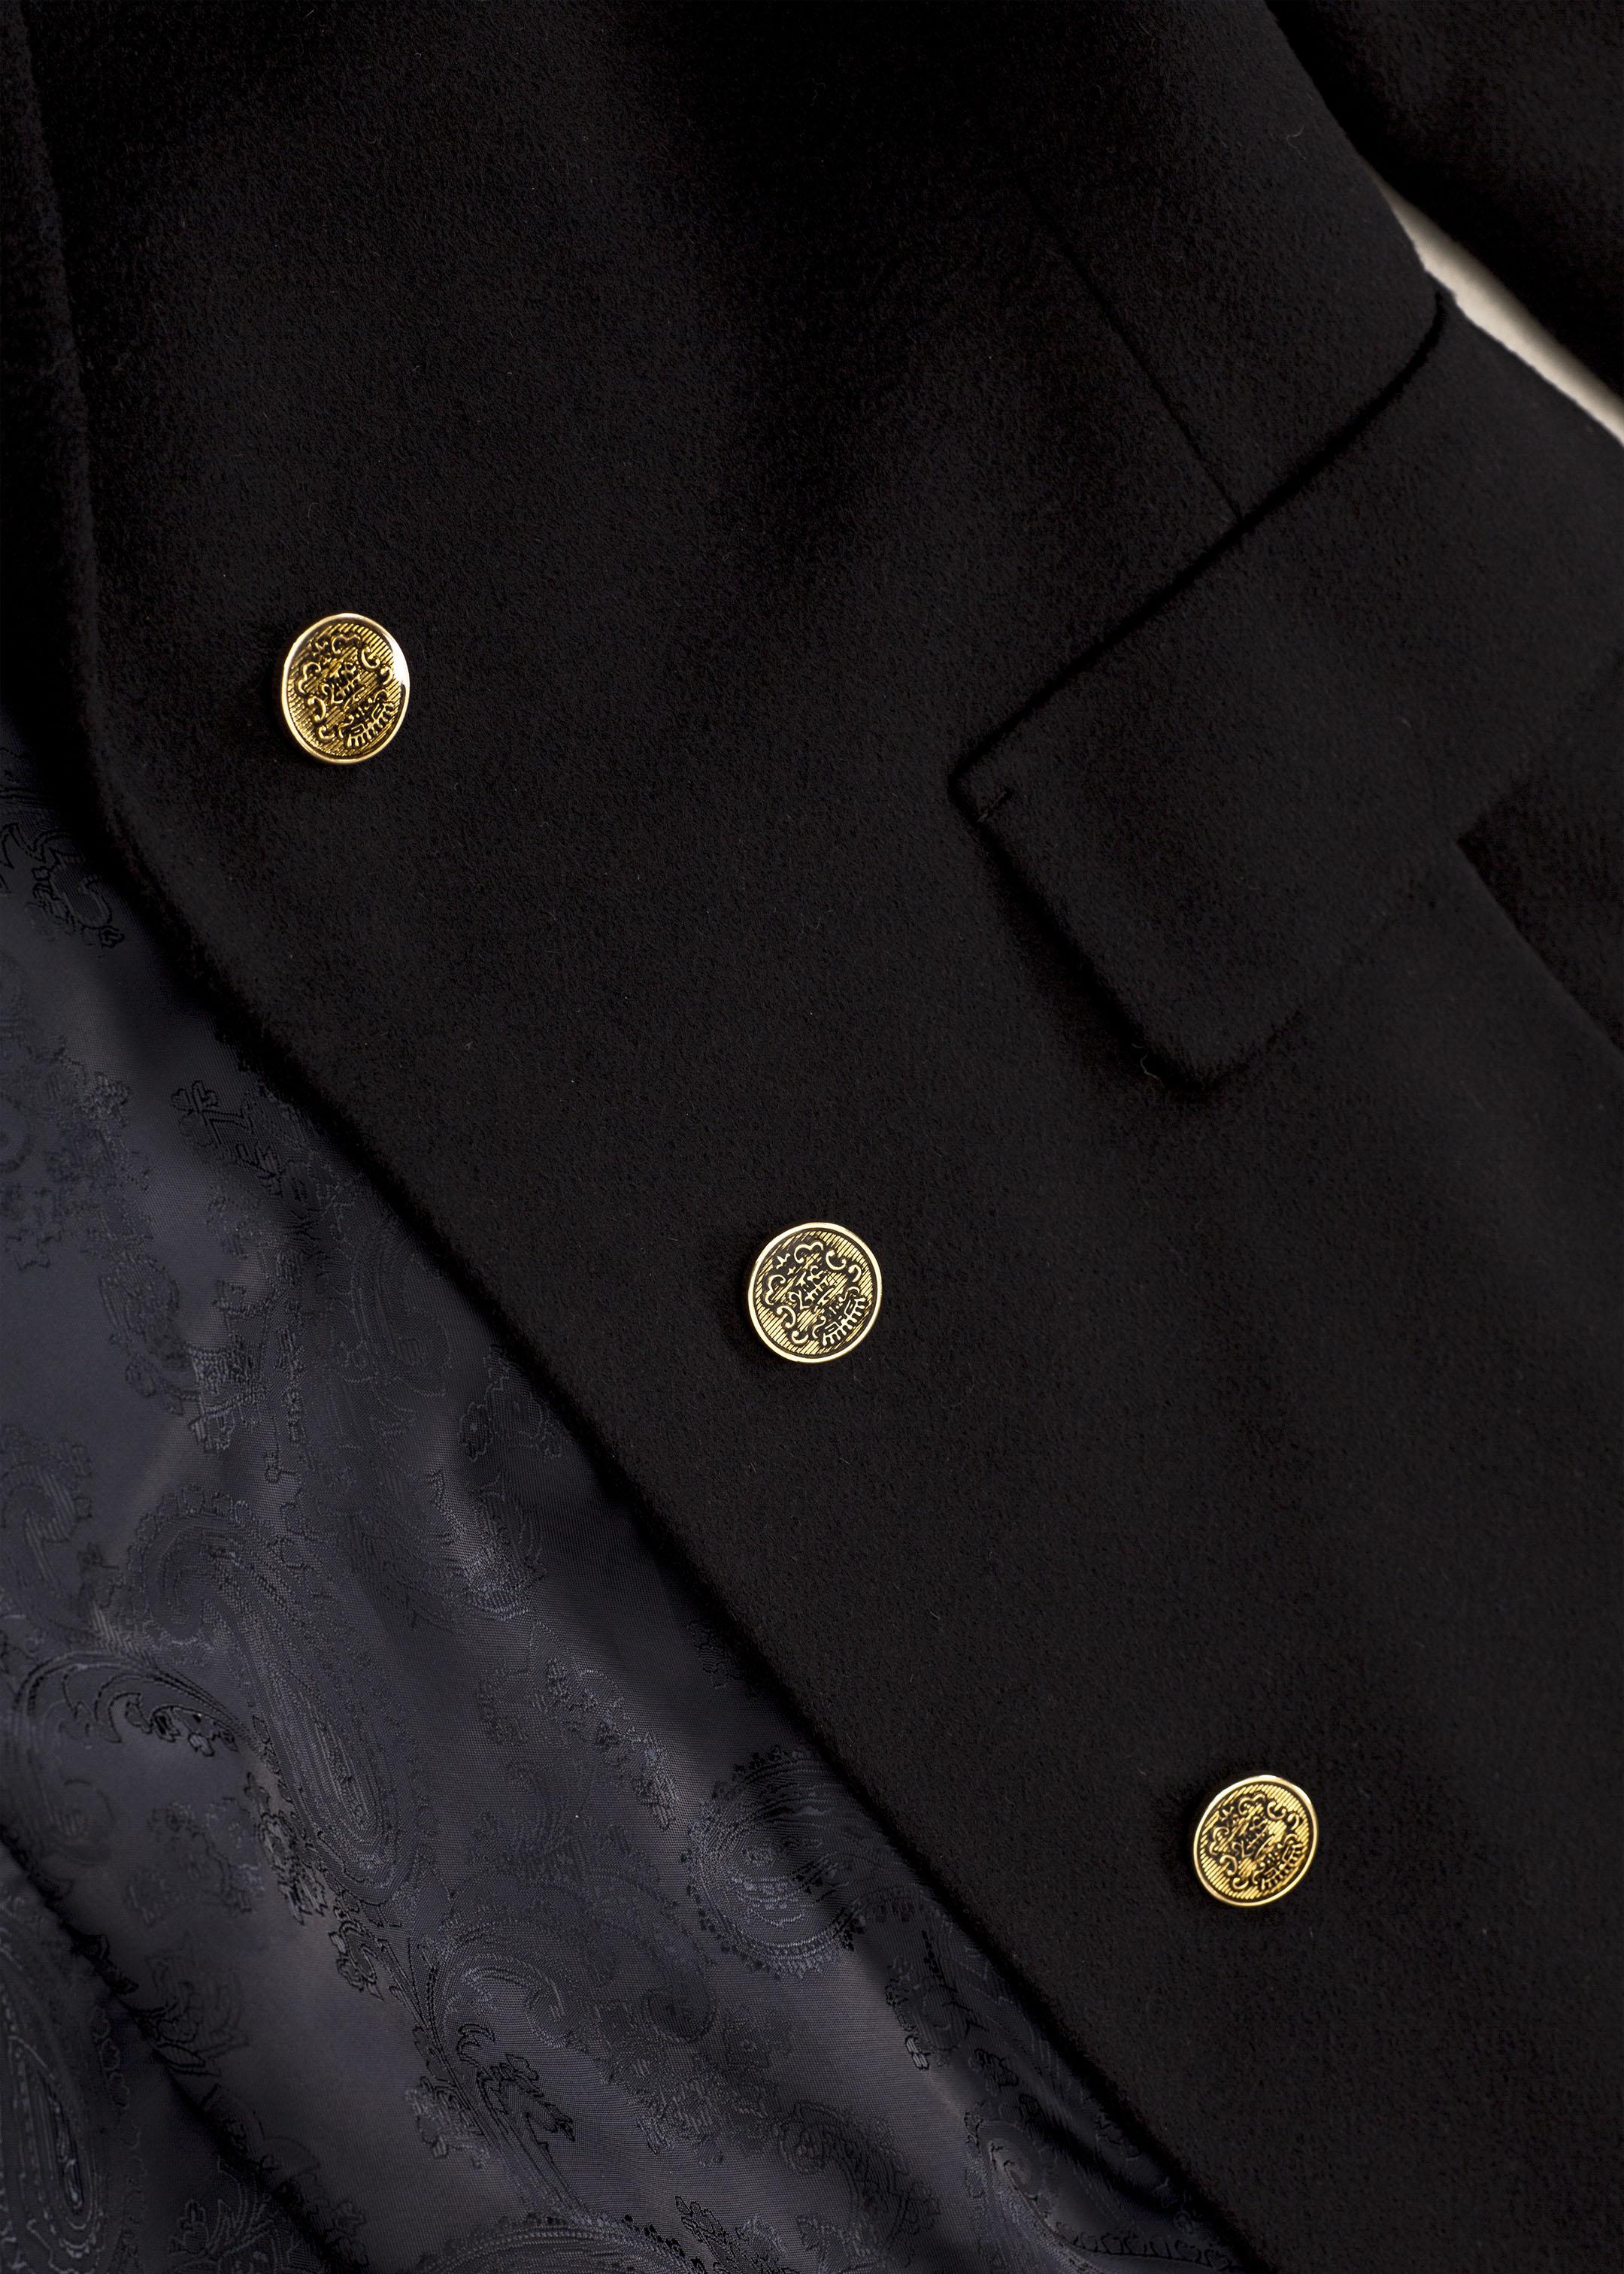 Meldes De Luxe – Manteau 100% cachemire cintré large col tailleur – Bleu nuit - Réf: 455-2-02